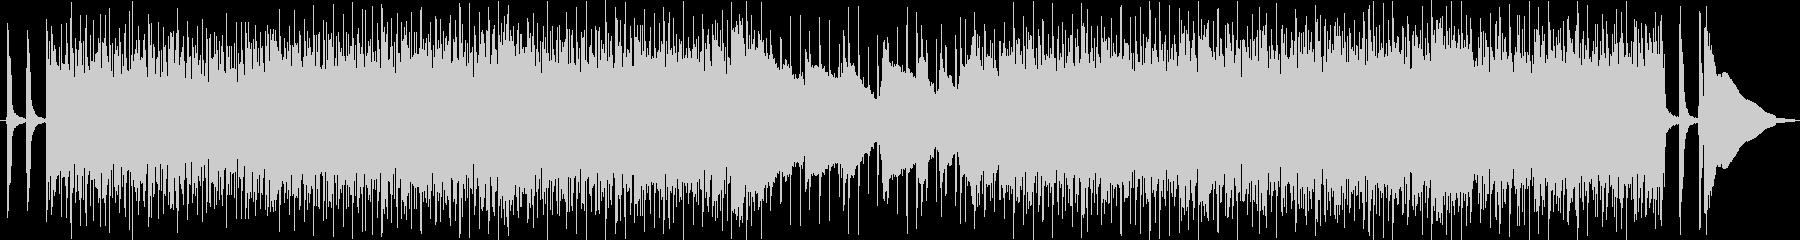 明るく楽しいヴィンテージロカビリー音楽の未再生の波形